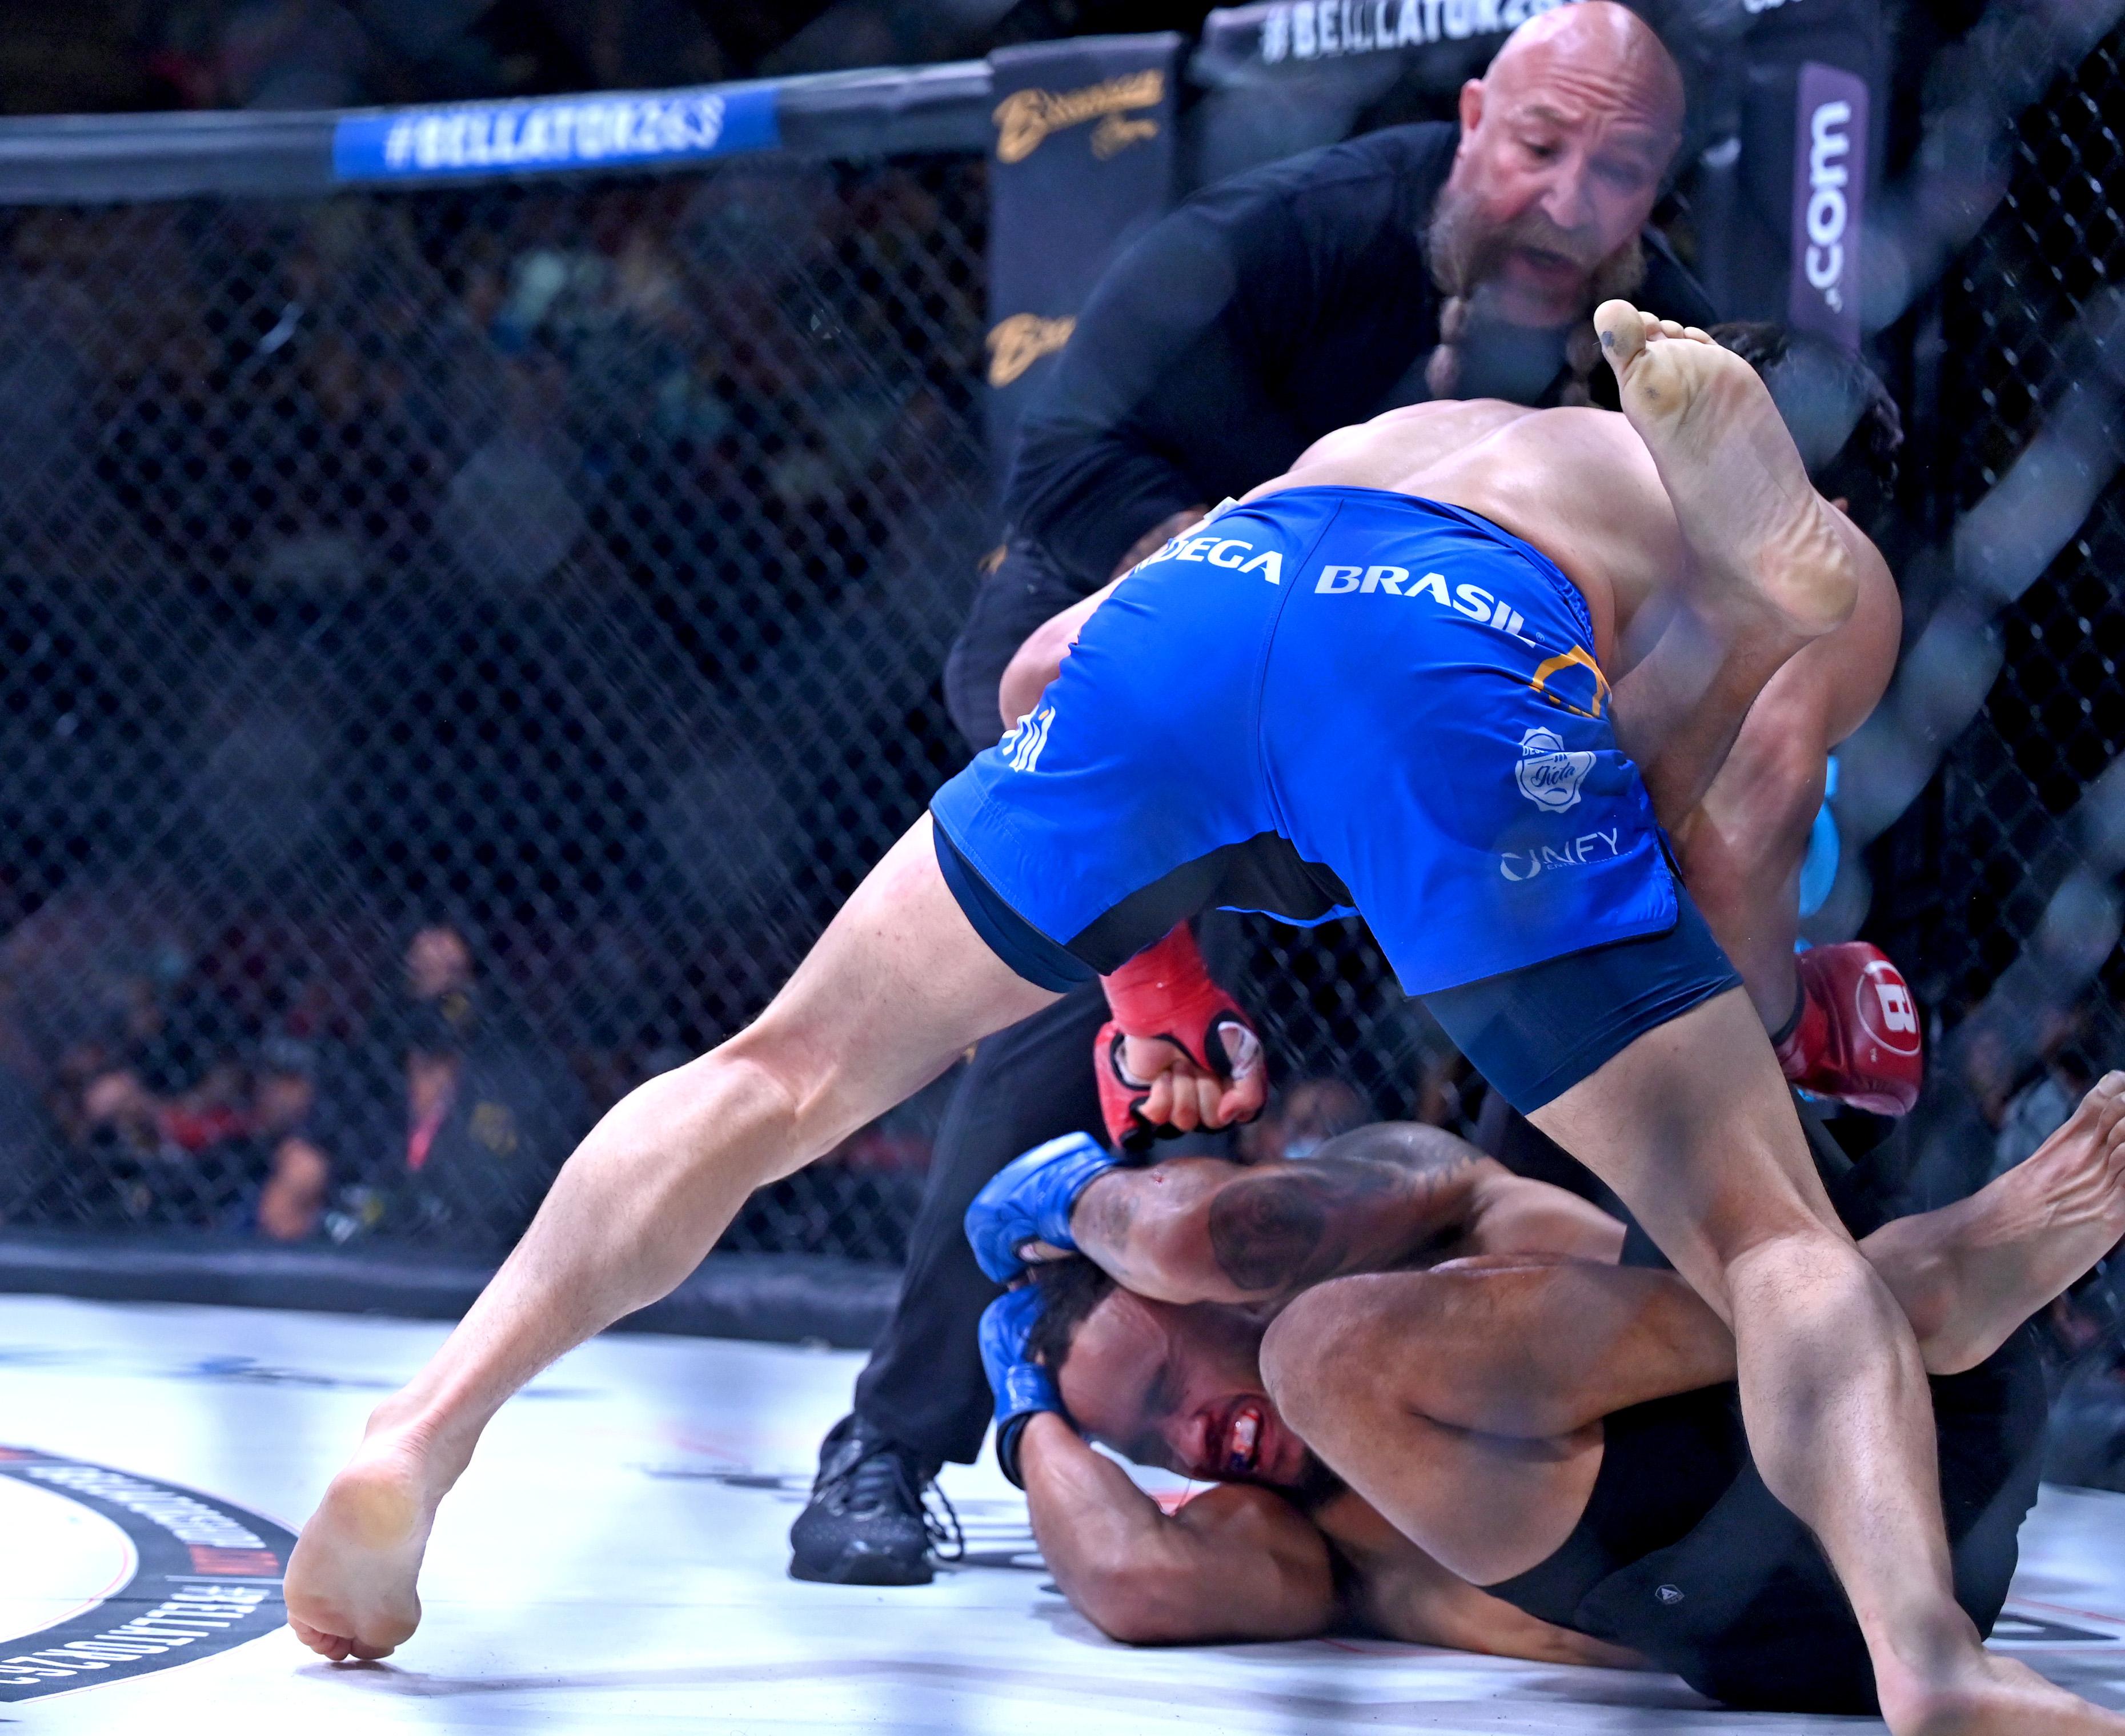 Goiti Yamauchi TKO'd Chris Gonzalez at Bellator 263